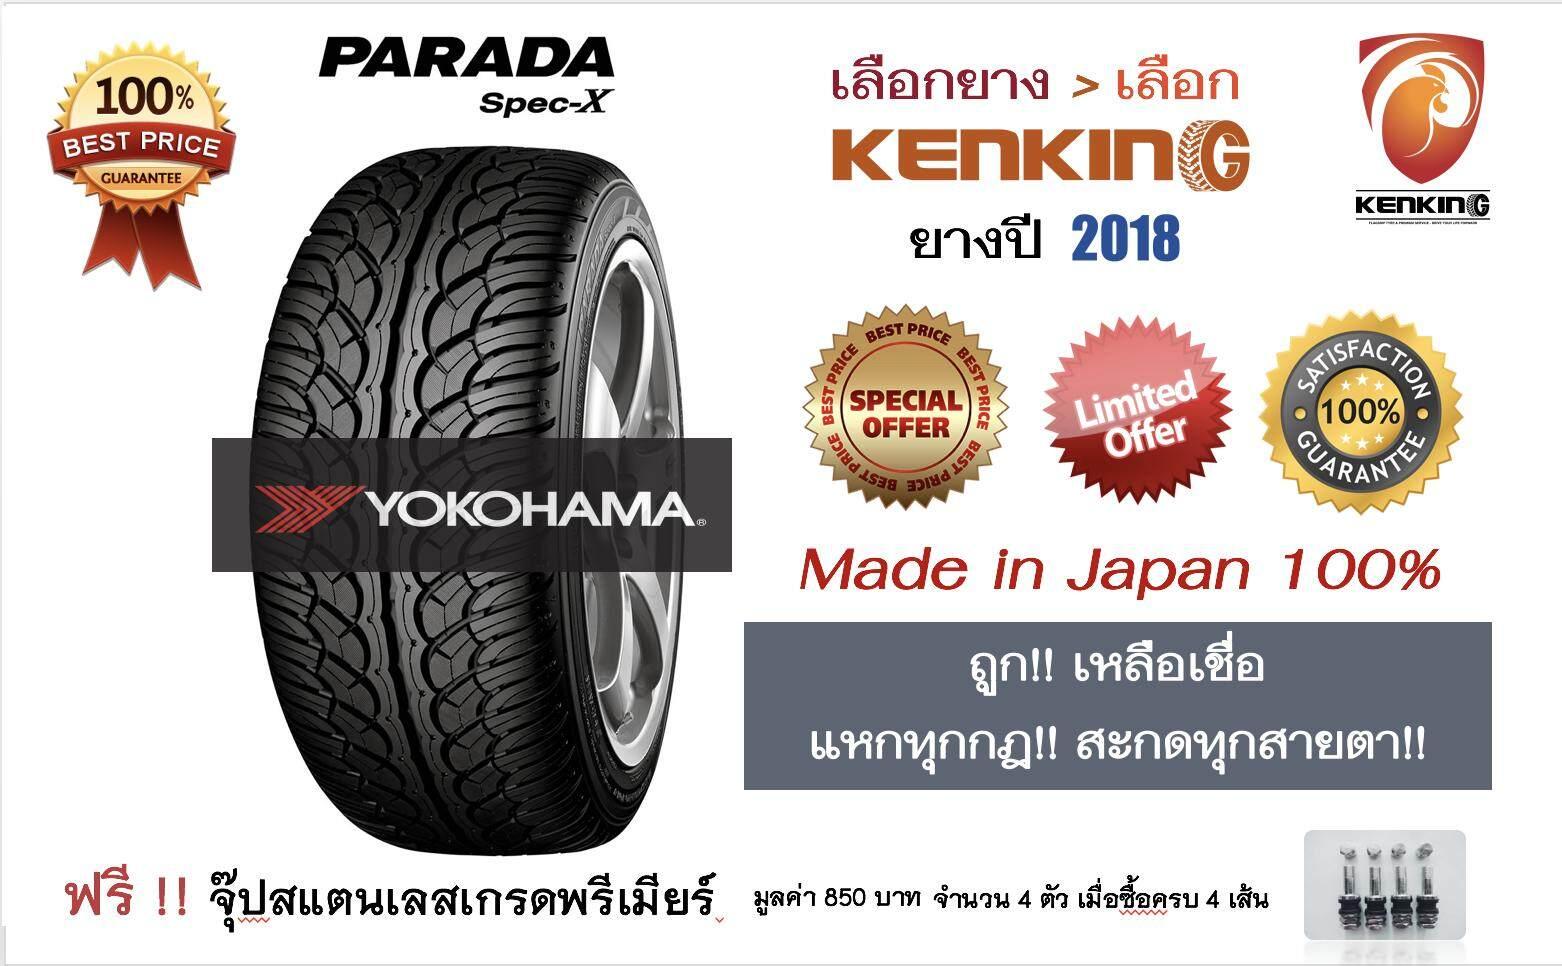 ประกันภัย รถยนต์ 3 พลัส ราคา ถูก นครสวรรค์ ยางรถยนต์ขอบ20 Yokohama 265/50 R20 Parada Spec-x NEW!! 2019 ( 1 เส้น ) FREE !! จุ๊ป PREMIUM BY KENKING POWER 650 บาท MADE IN JAPAN แท้ (ลิขสิทธิืแท้รายเดียว)